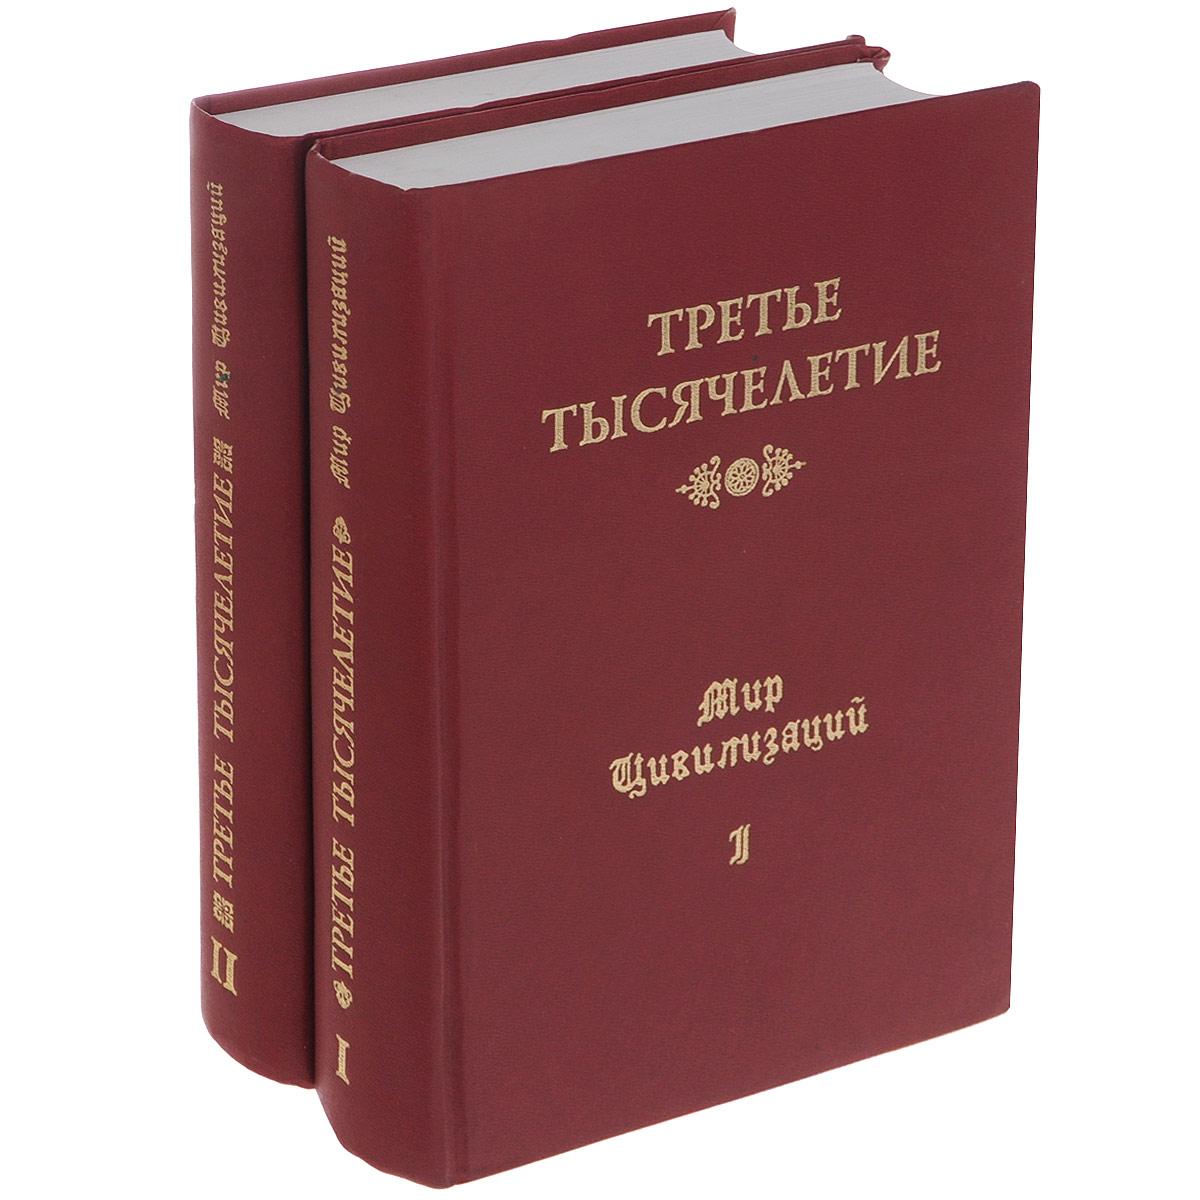 Третье тысячелетие. Росии верные сыны. В 2 томах (комплект)